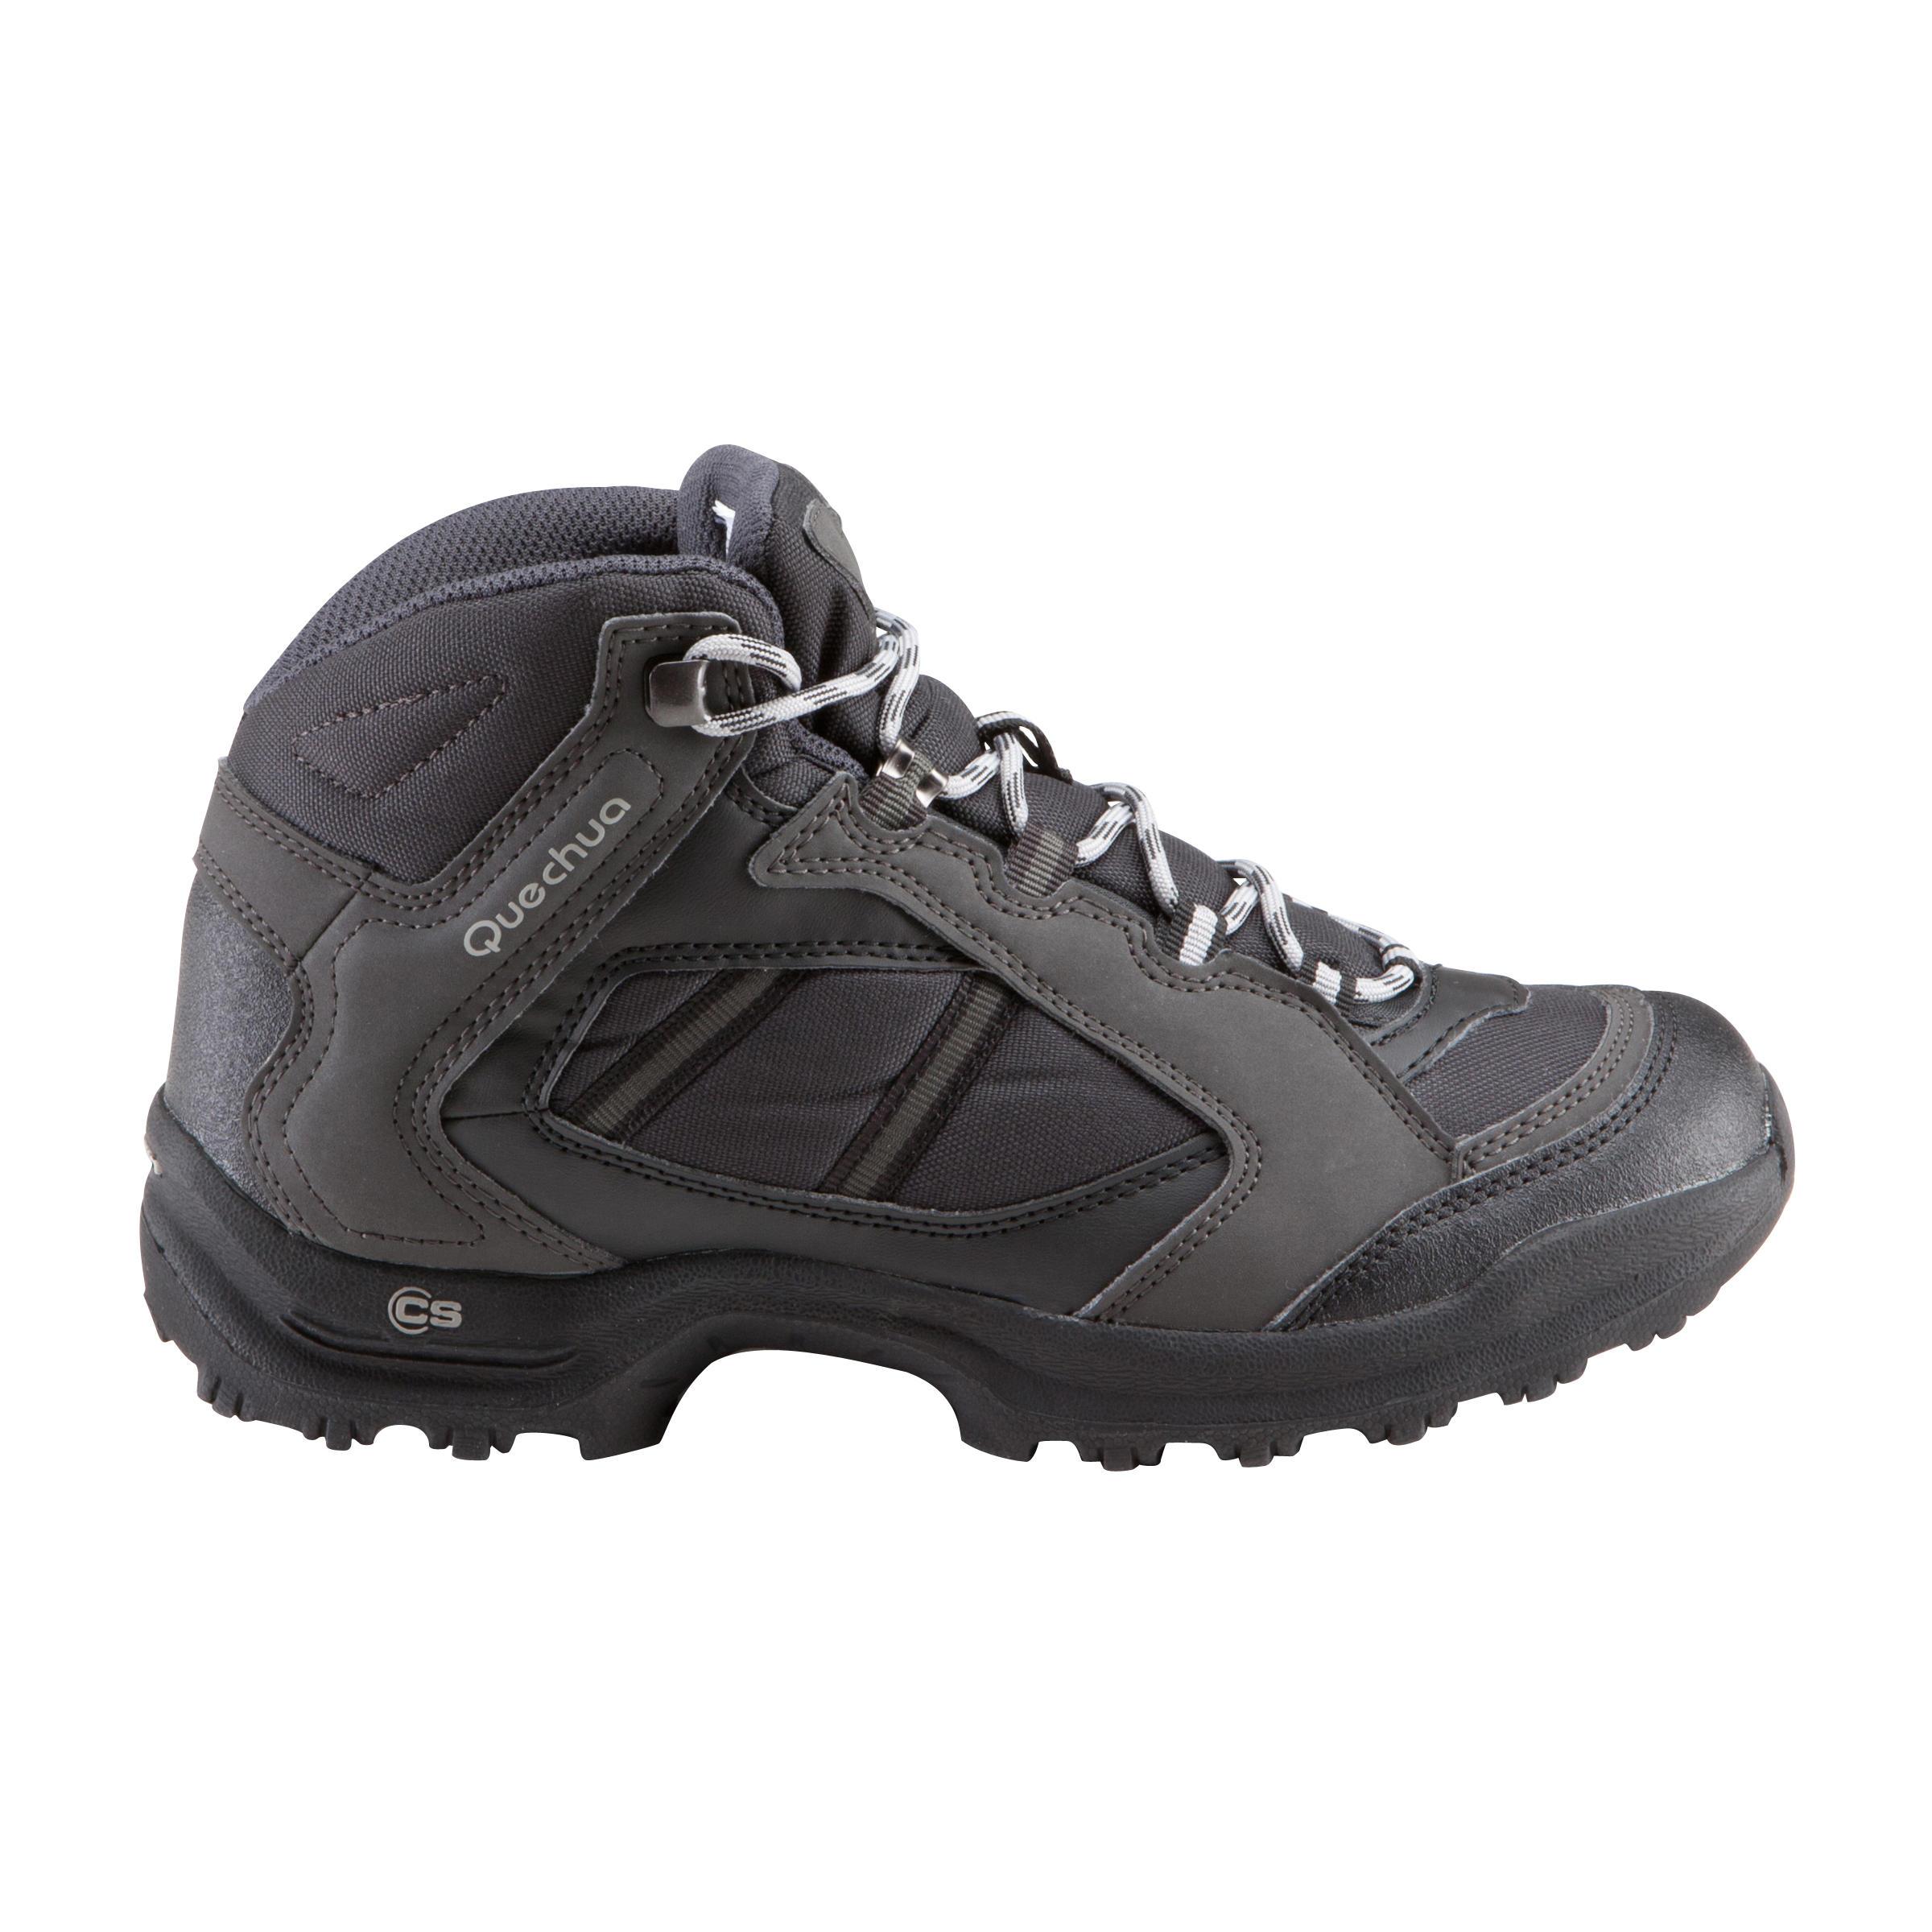 Chaussures de randonnée Nature homme Arpenaz 50 Mid.